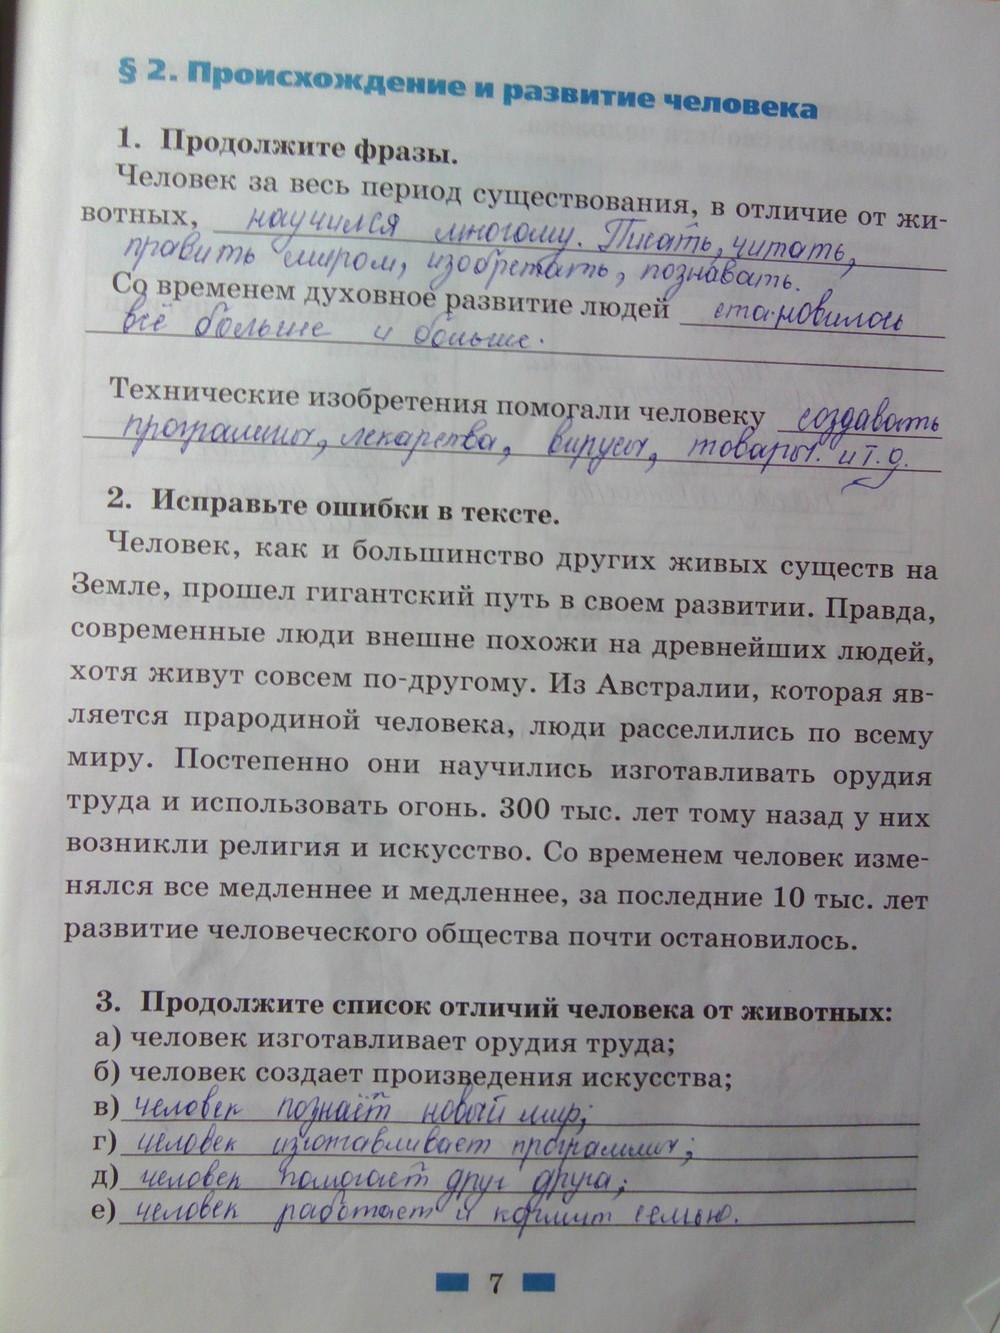 Гдз по обществознанию 6 класс по рабочей тетради и.с. хромова